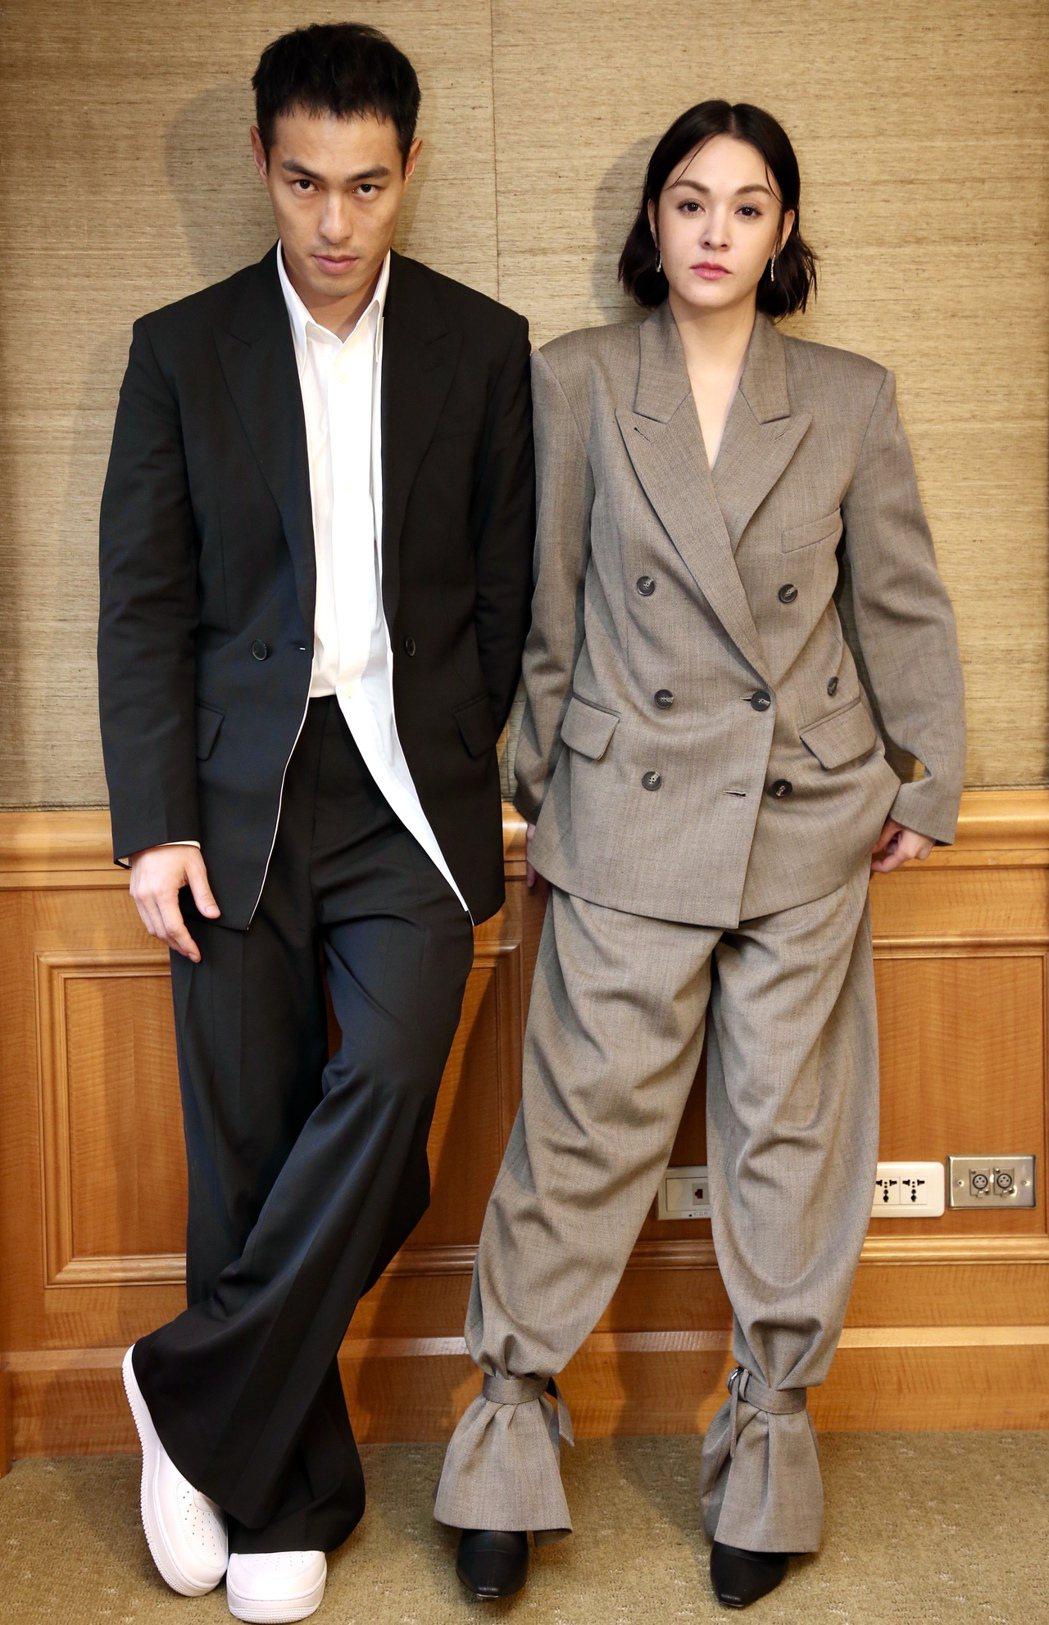 楊祐寧(左)、張榕容(右)在新片「複身犯」皆飾演遺失孩子的父母。記者林俊良/攝影